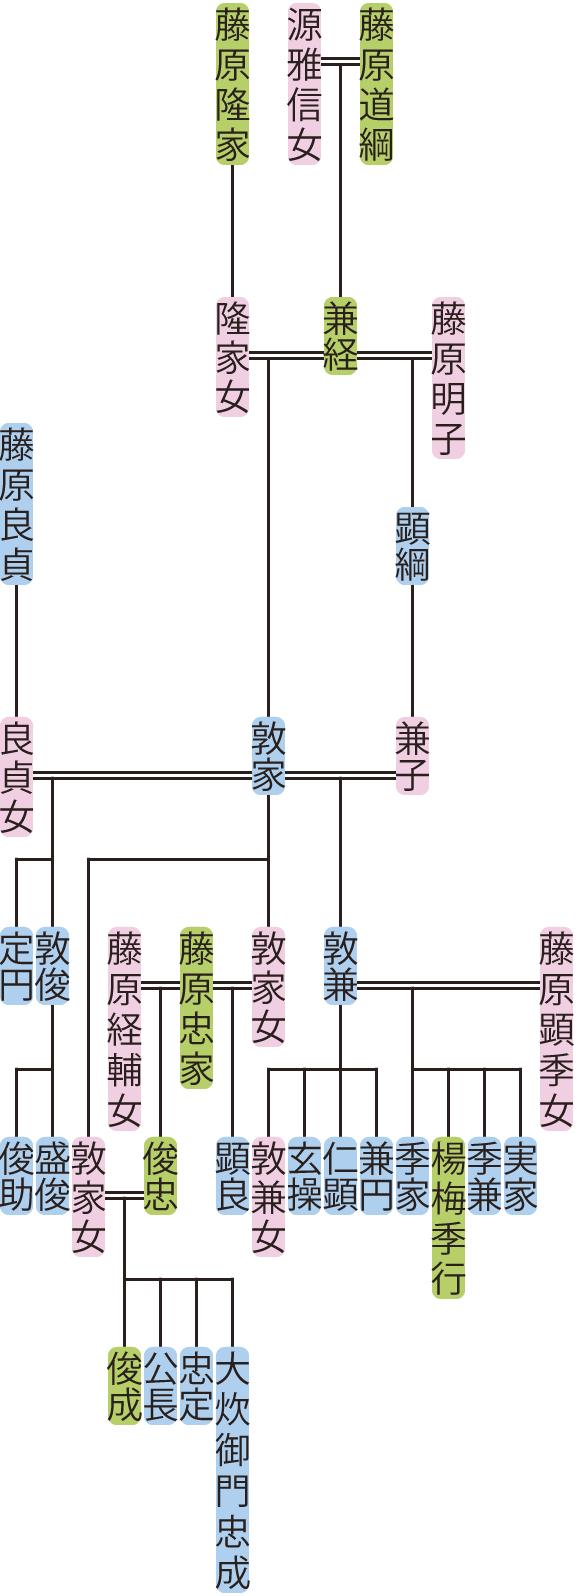 藤原敦家の系図